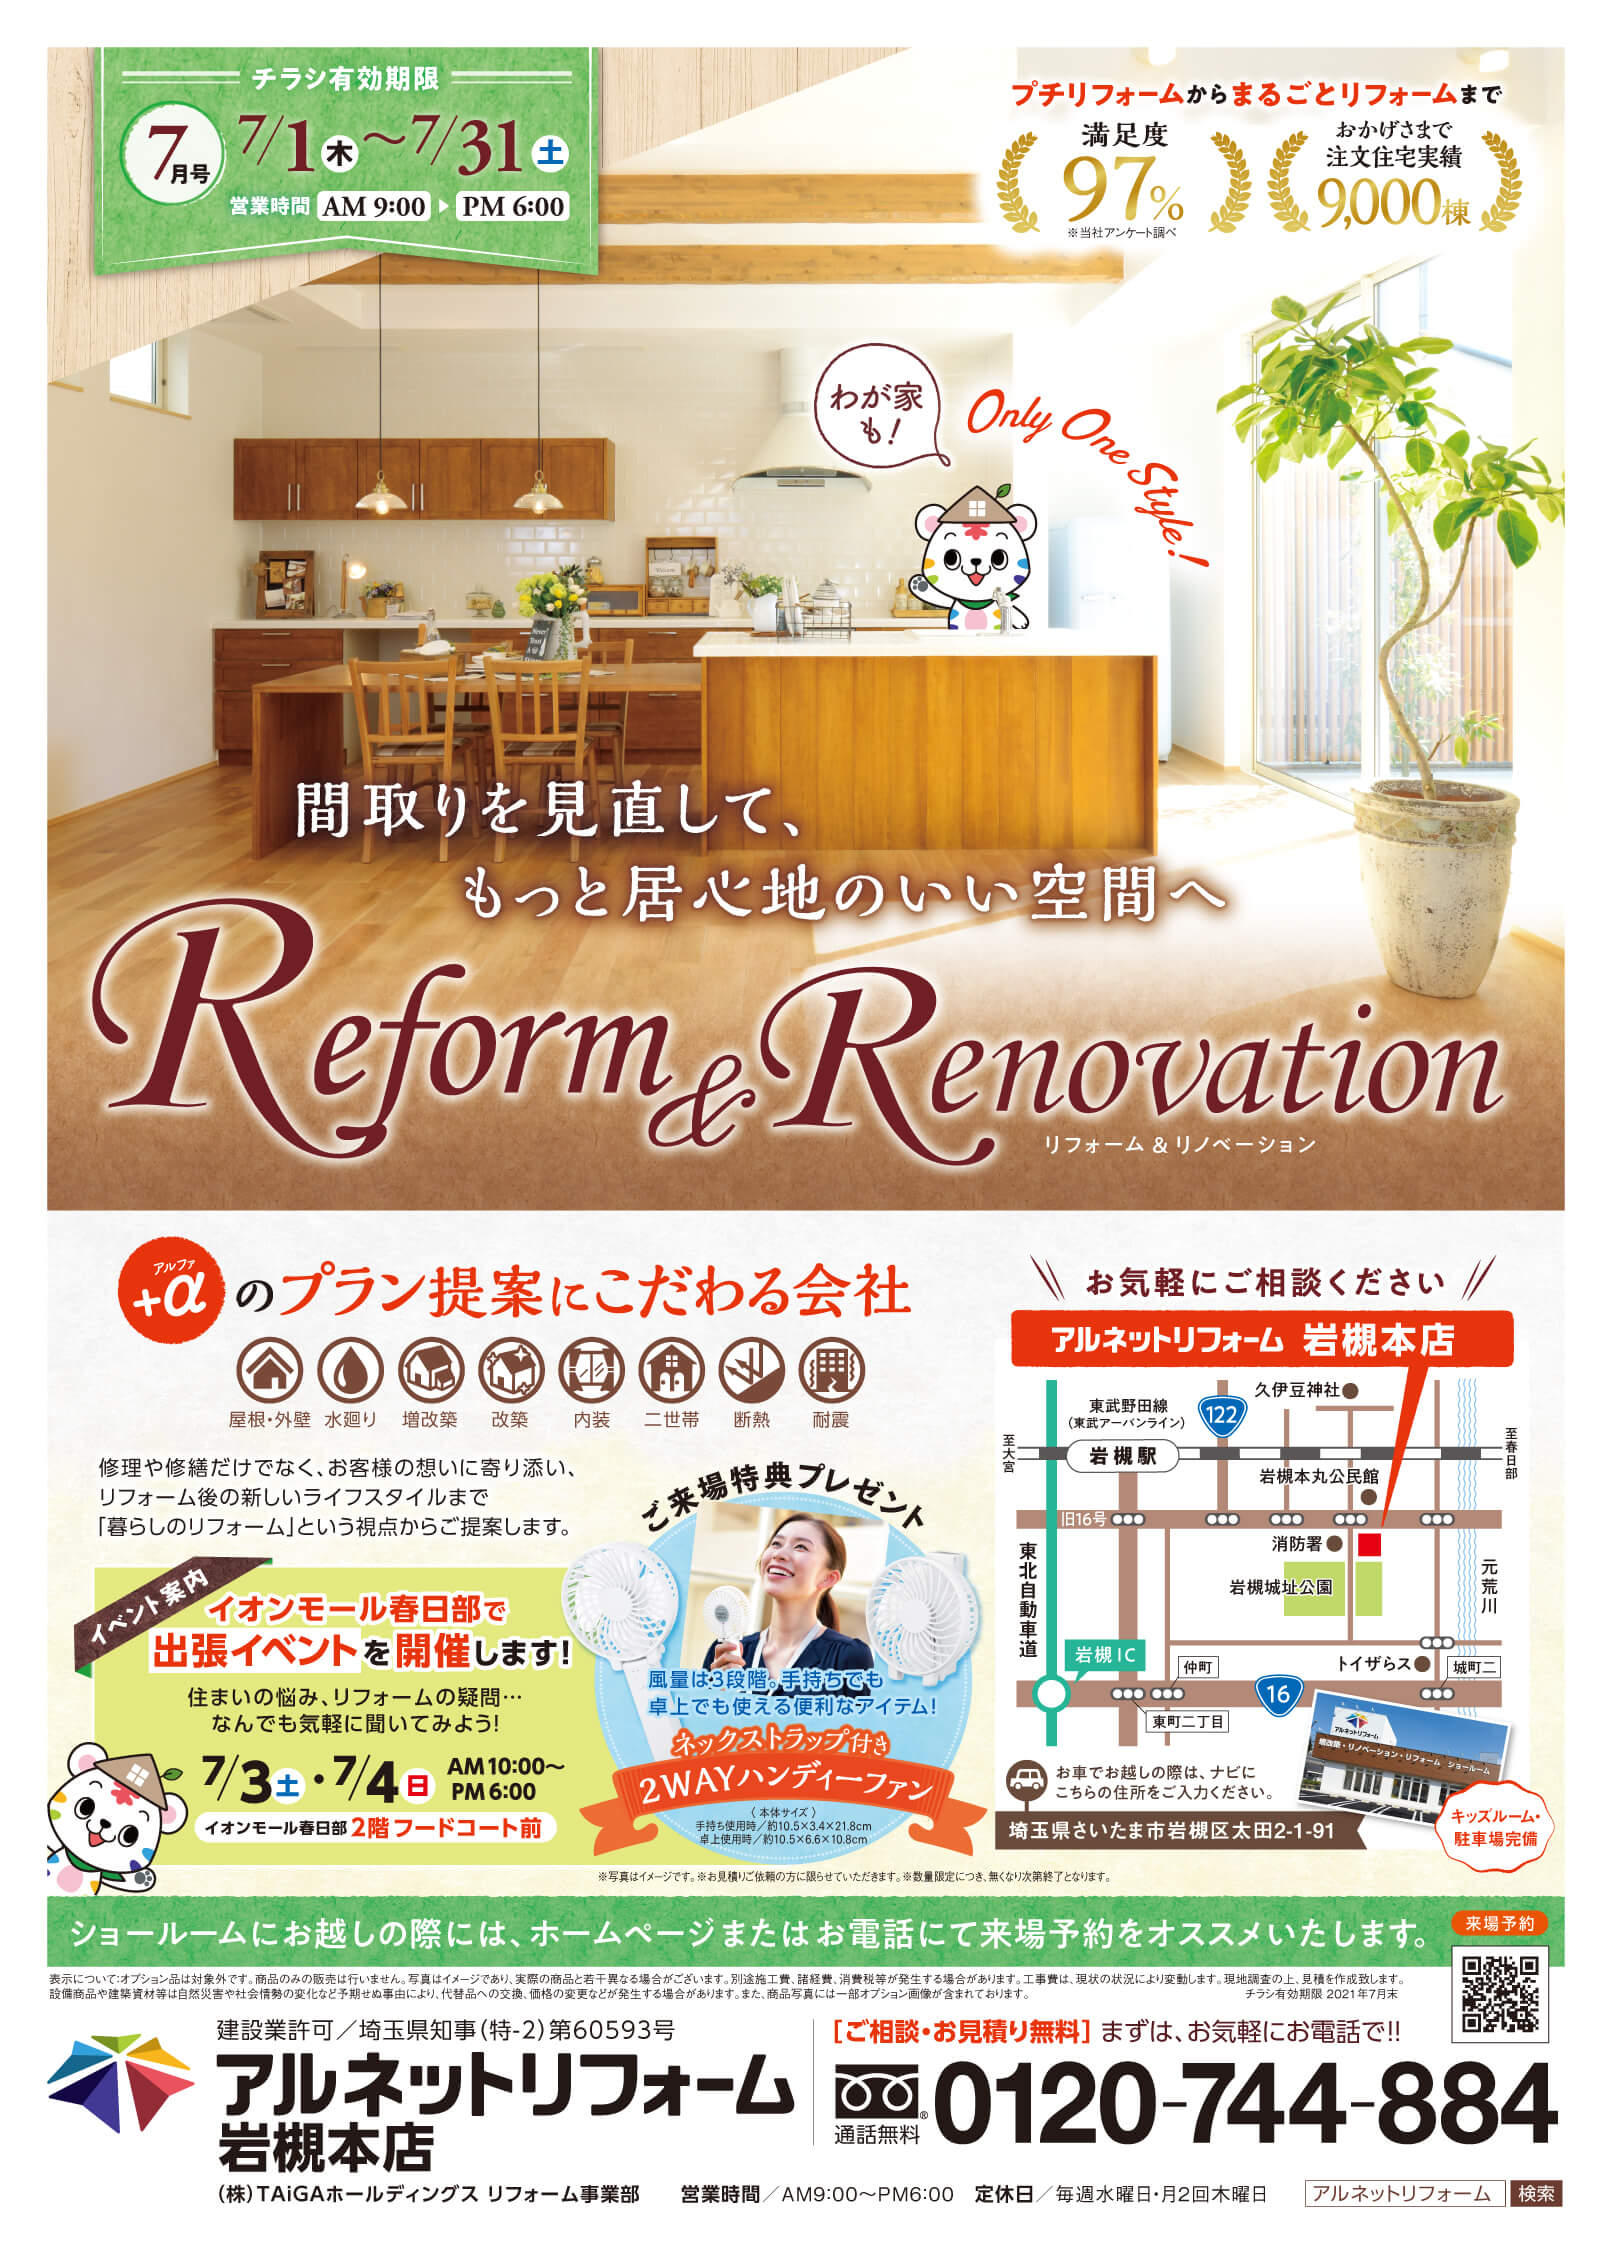 【イオンモール春日部】7月の出張イベント開催!